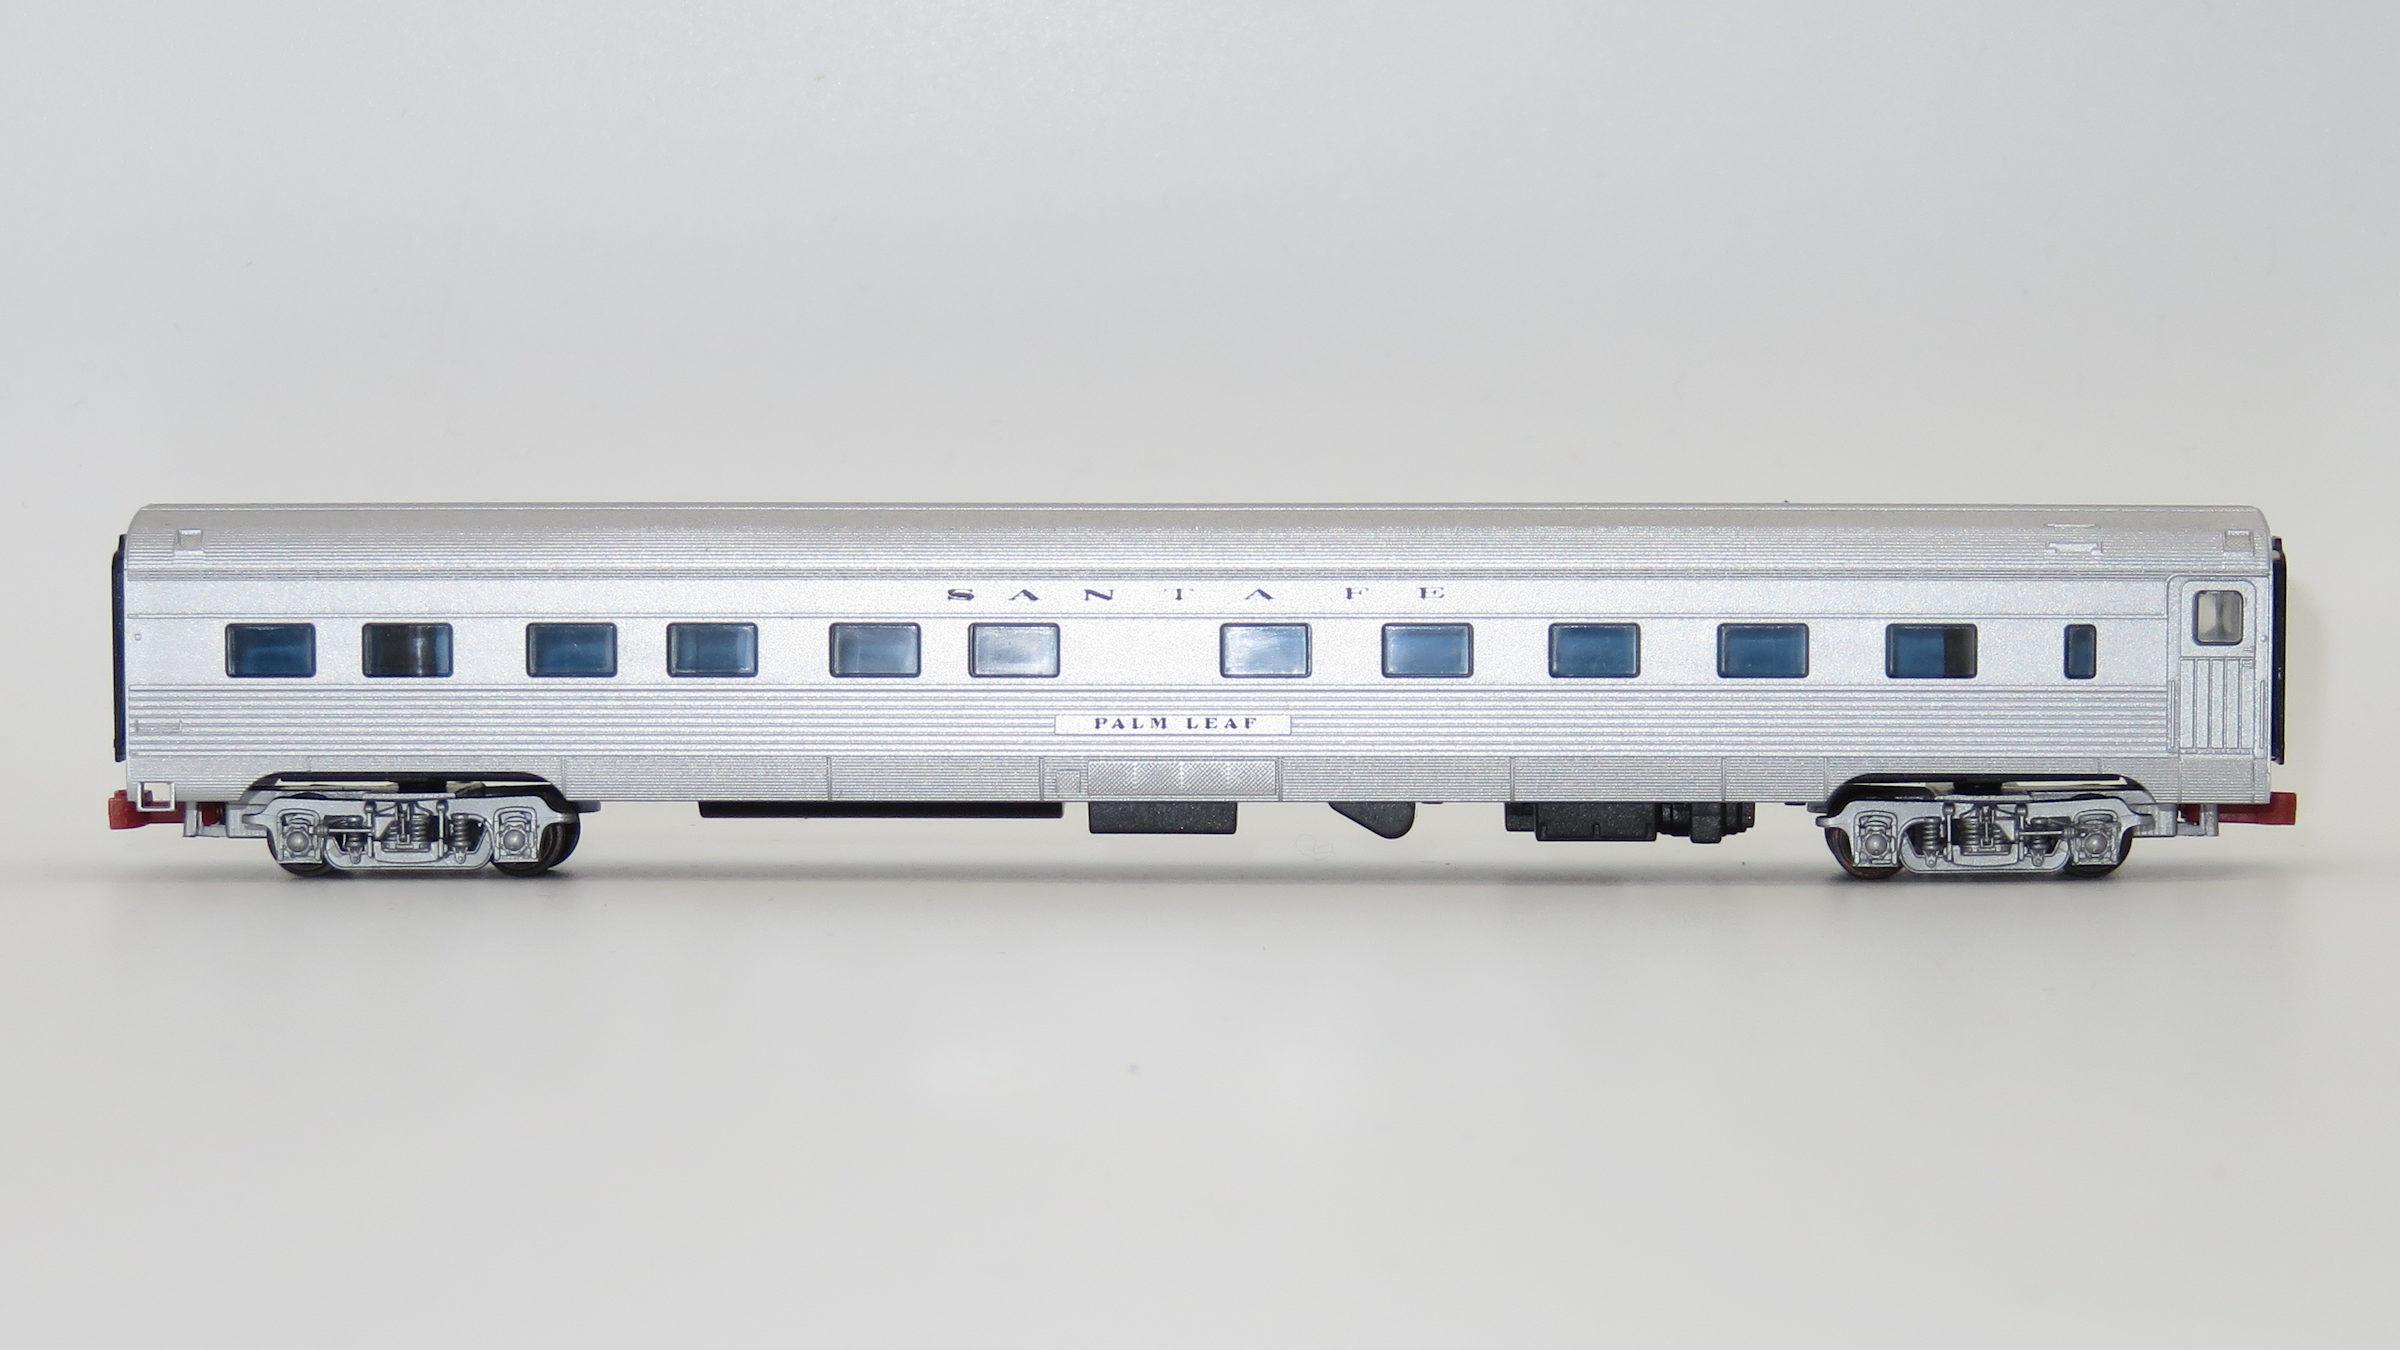 N Scale - Con-Cor - 0001-421101(4) - Passenger Car, Lightweight, Budd, Sleeper 10-6 - Santa Fe - Palm Leaf